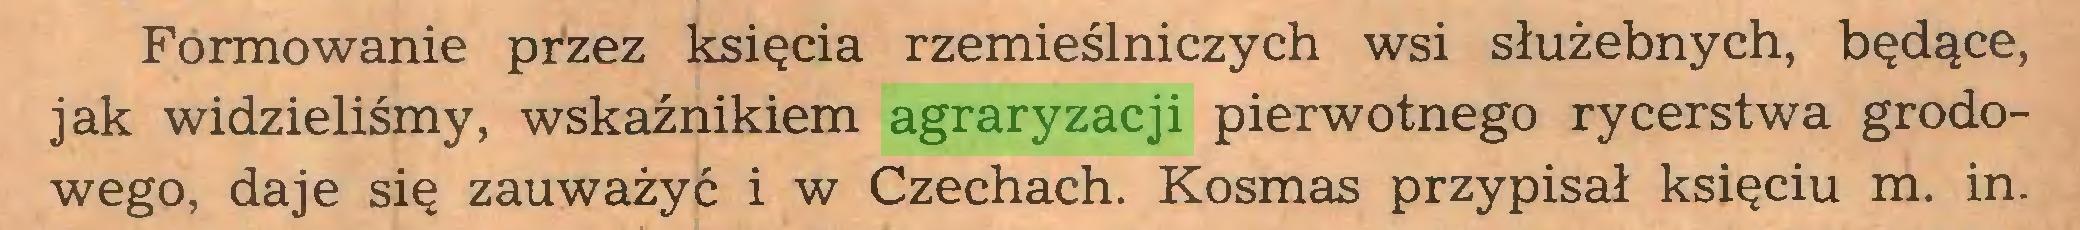 (...) Formowanie przez księcia rzemieślniczych wsi służebnych, będące, jak widzieliśmy, wskaźnikiem agraryzacji pierwotnego rycerstwa grodowego, daje się zauważyć i w Czechach. Kosmas przypisał księciu m. in...